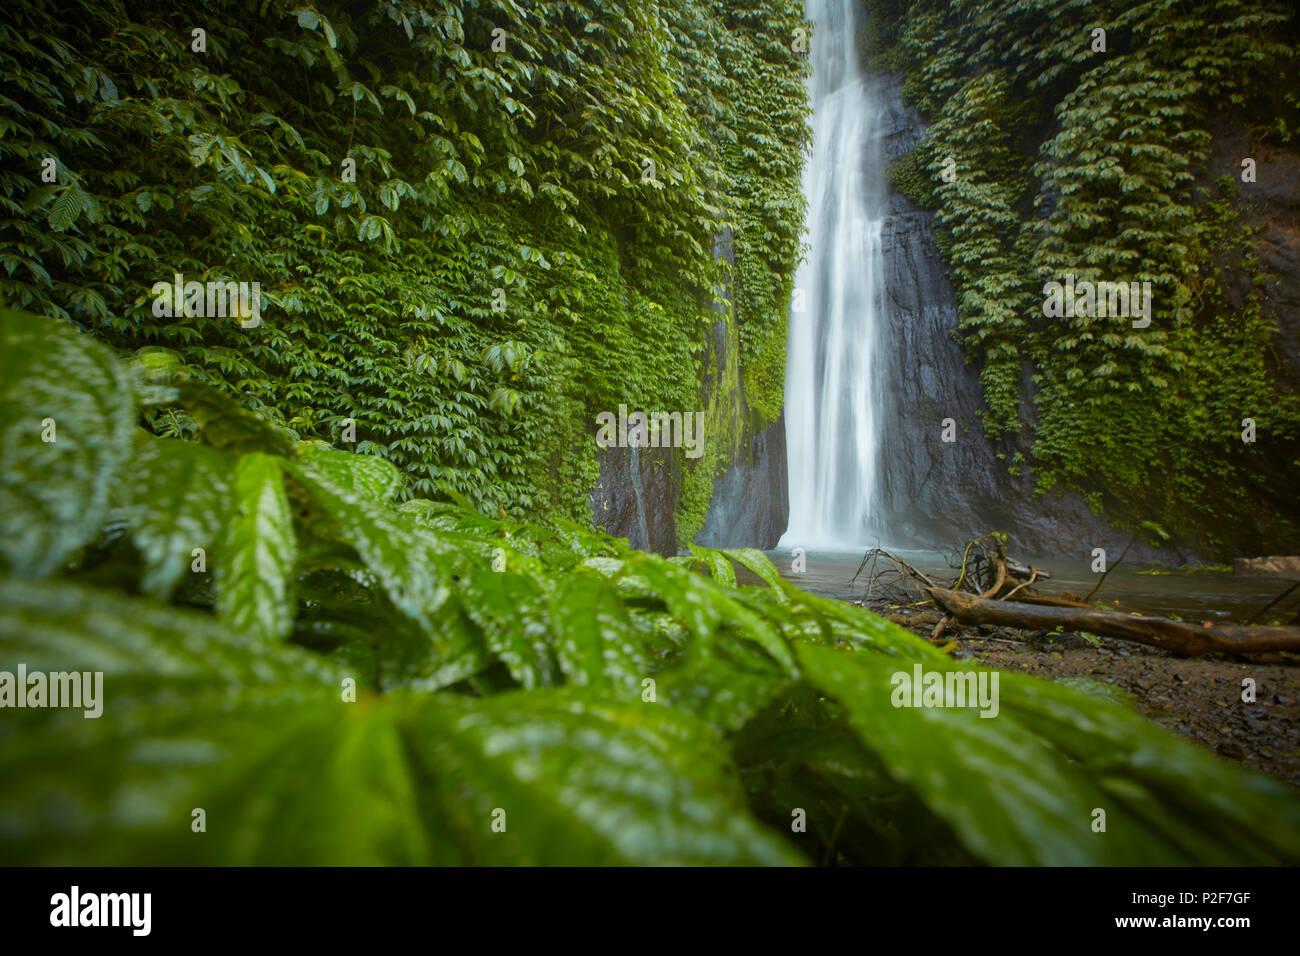 MUNUK Wasserfall, in der Nähe von Gobleg,Bali, Indonesien Stockbild